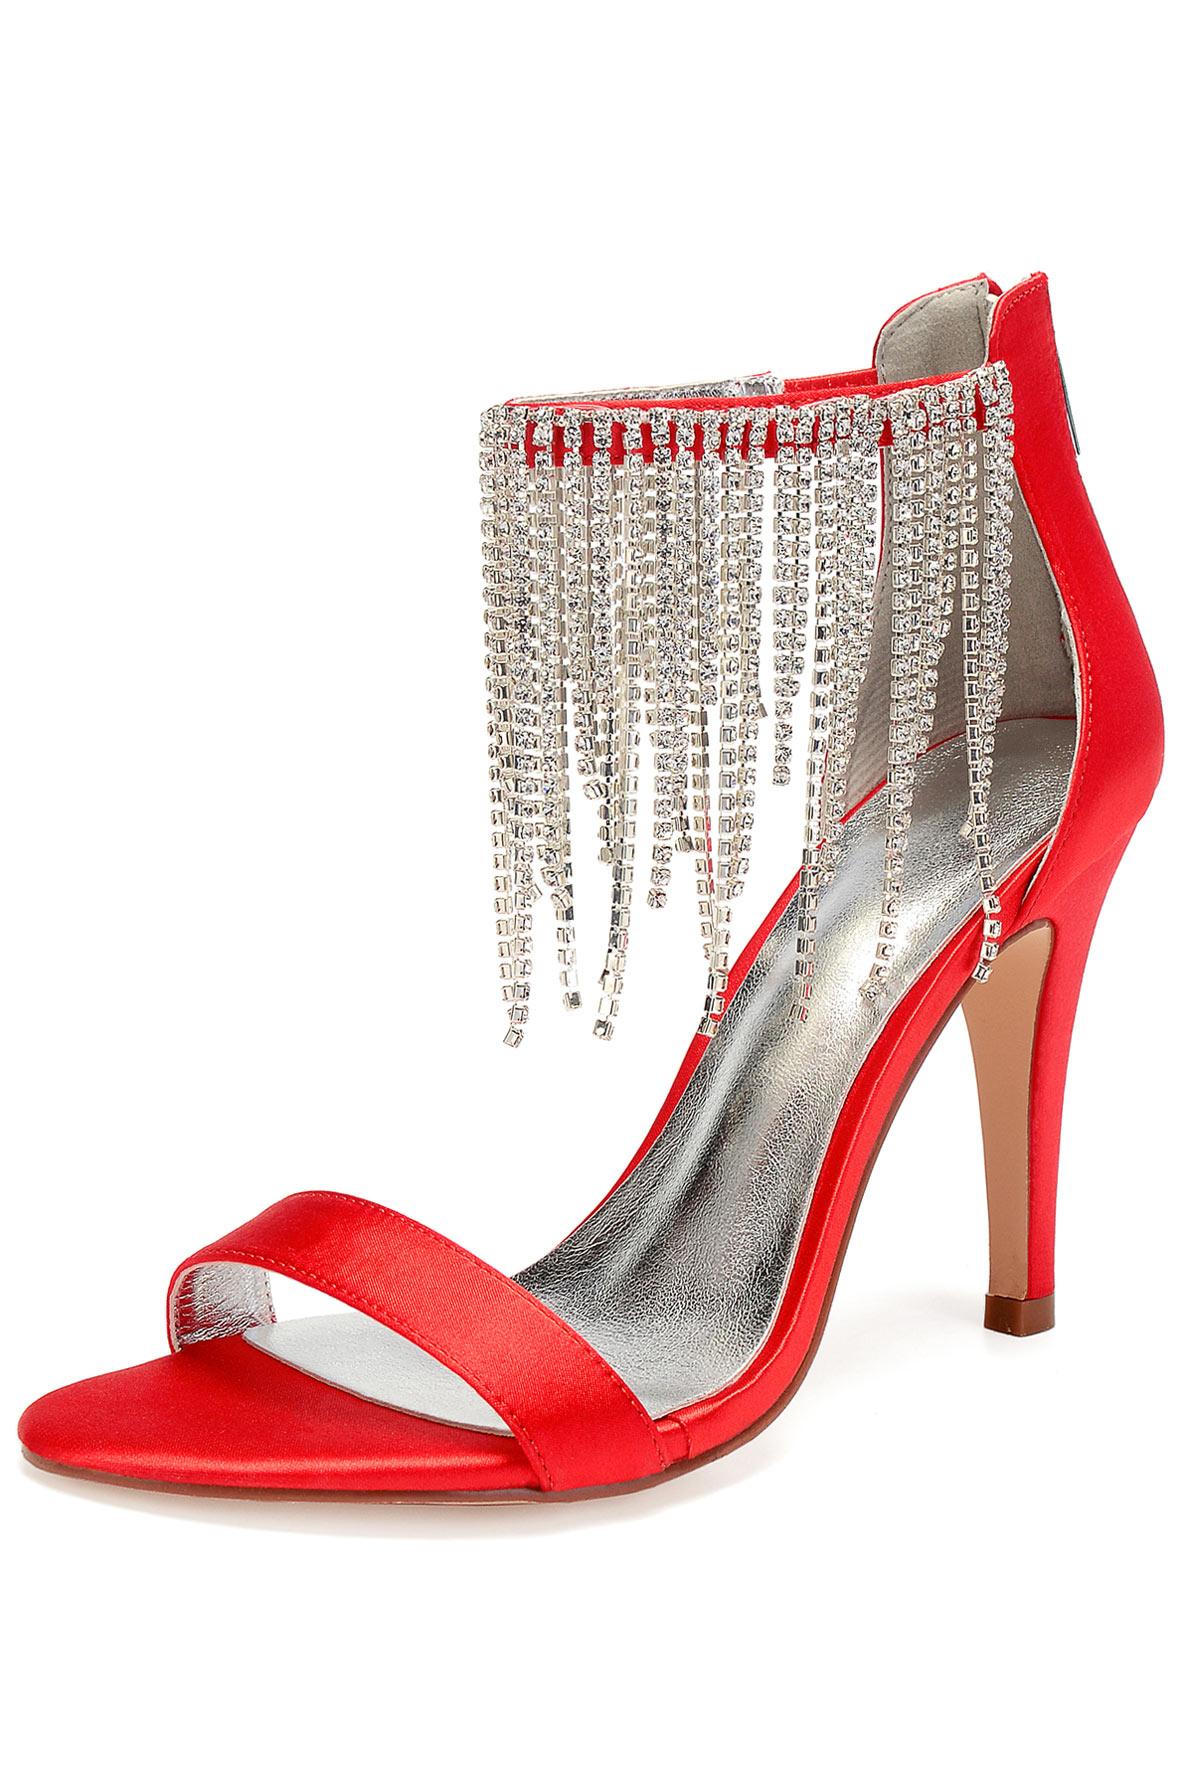 sandales rouge à talon haut à bride frange strassé